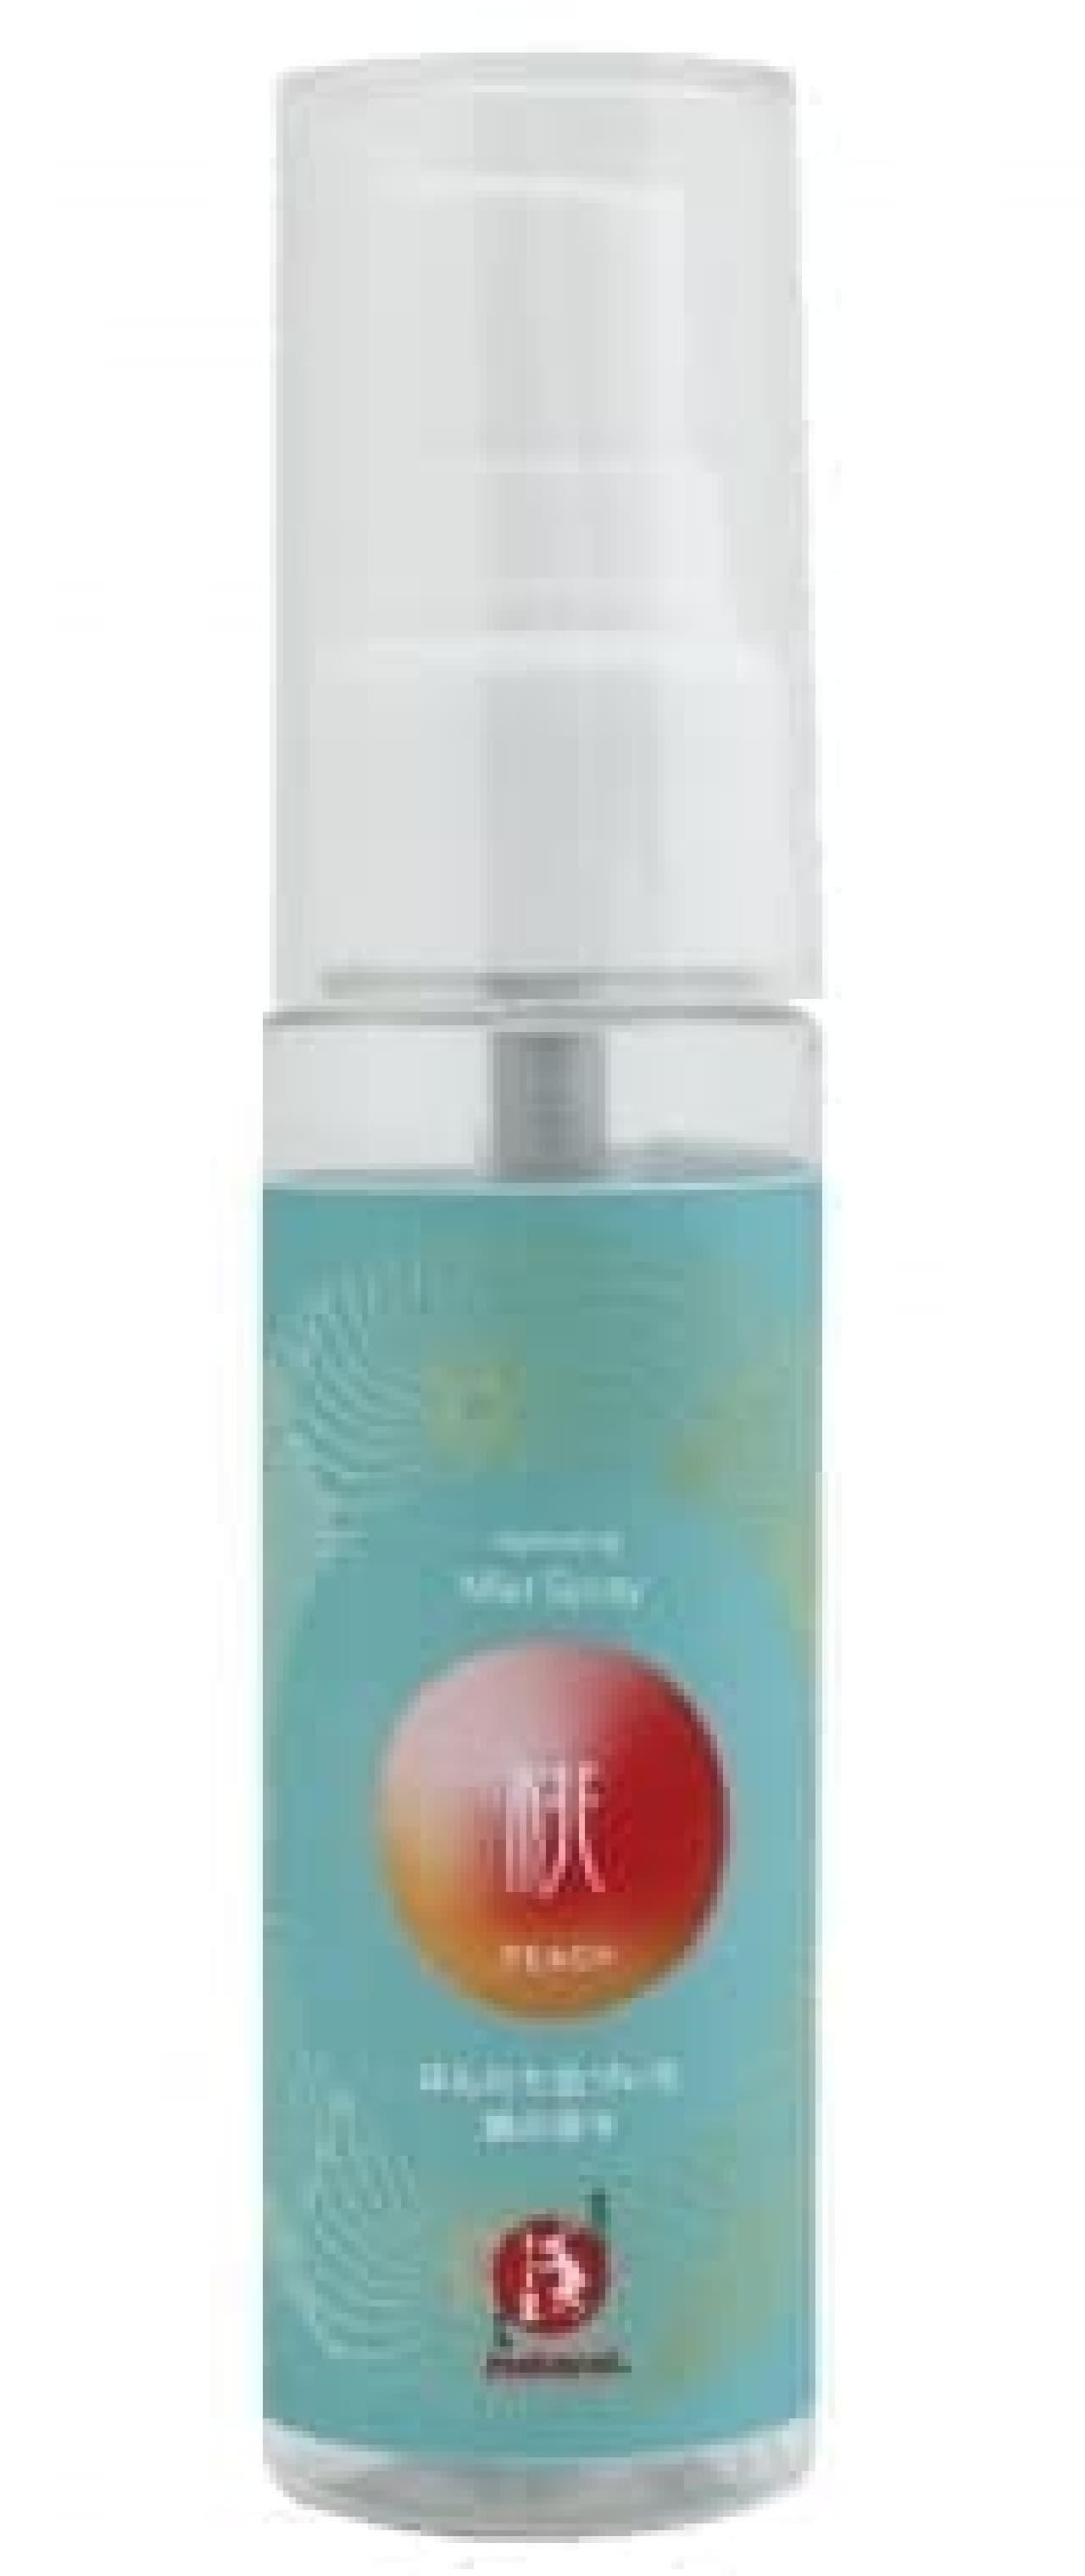 まかないこすめ「ほんのり色づいた桃の香り」シリーズの保湿スプレー